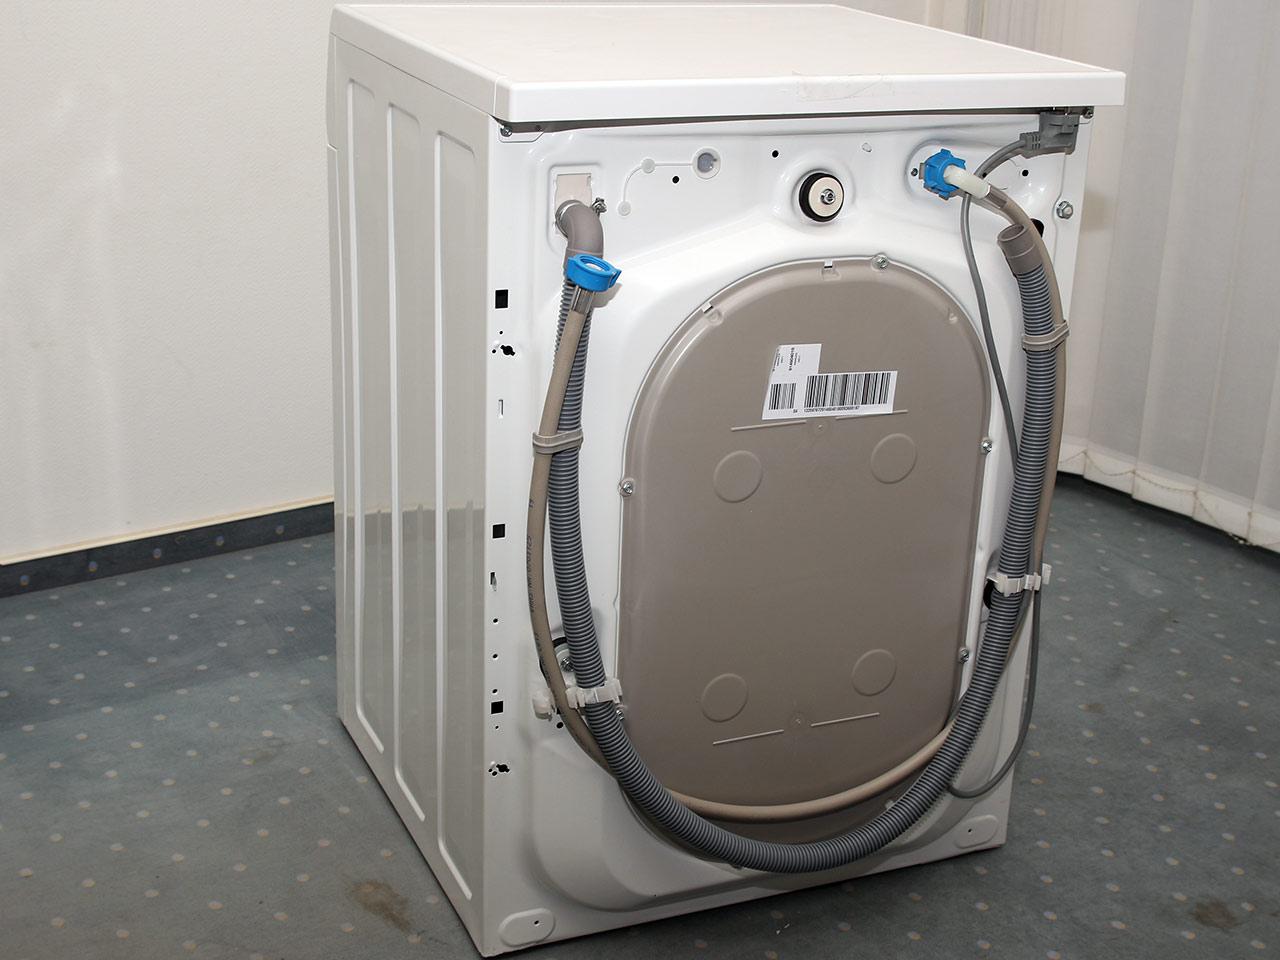 Waschtrockner 1100500 Umin 53kg Waschmaschine und  ~ Waschmaschine Und Trockner In Einem